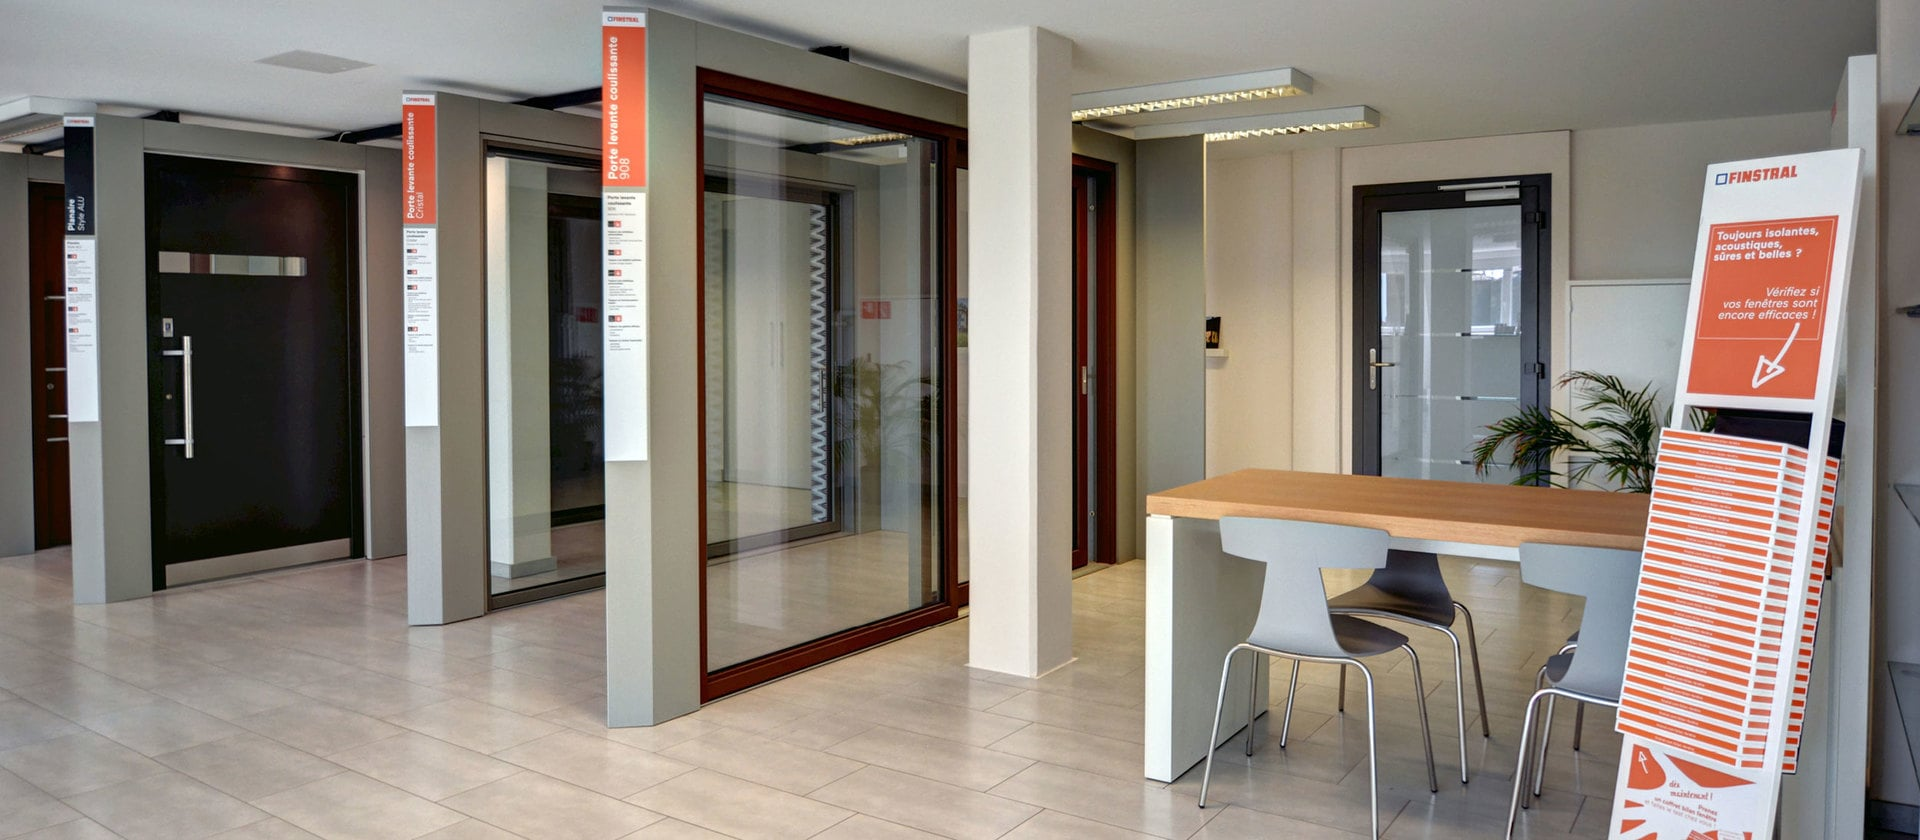 Finstral Studio Poliez-Pittet